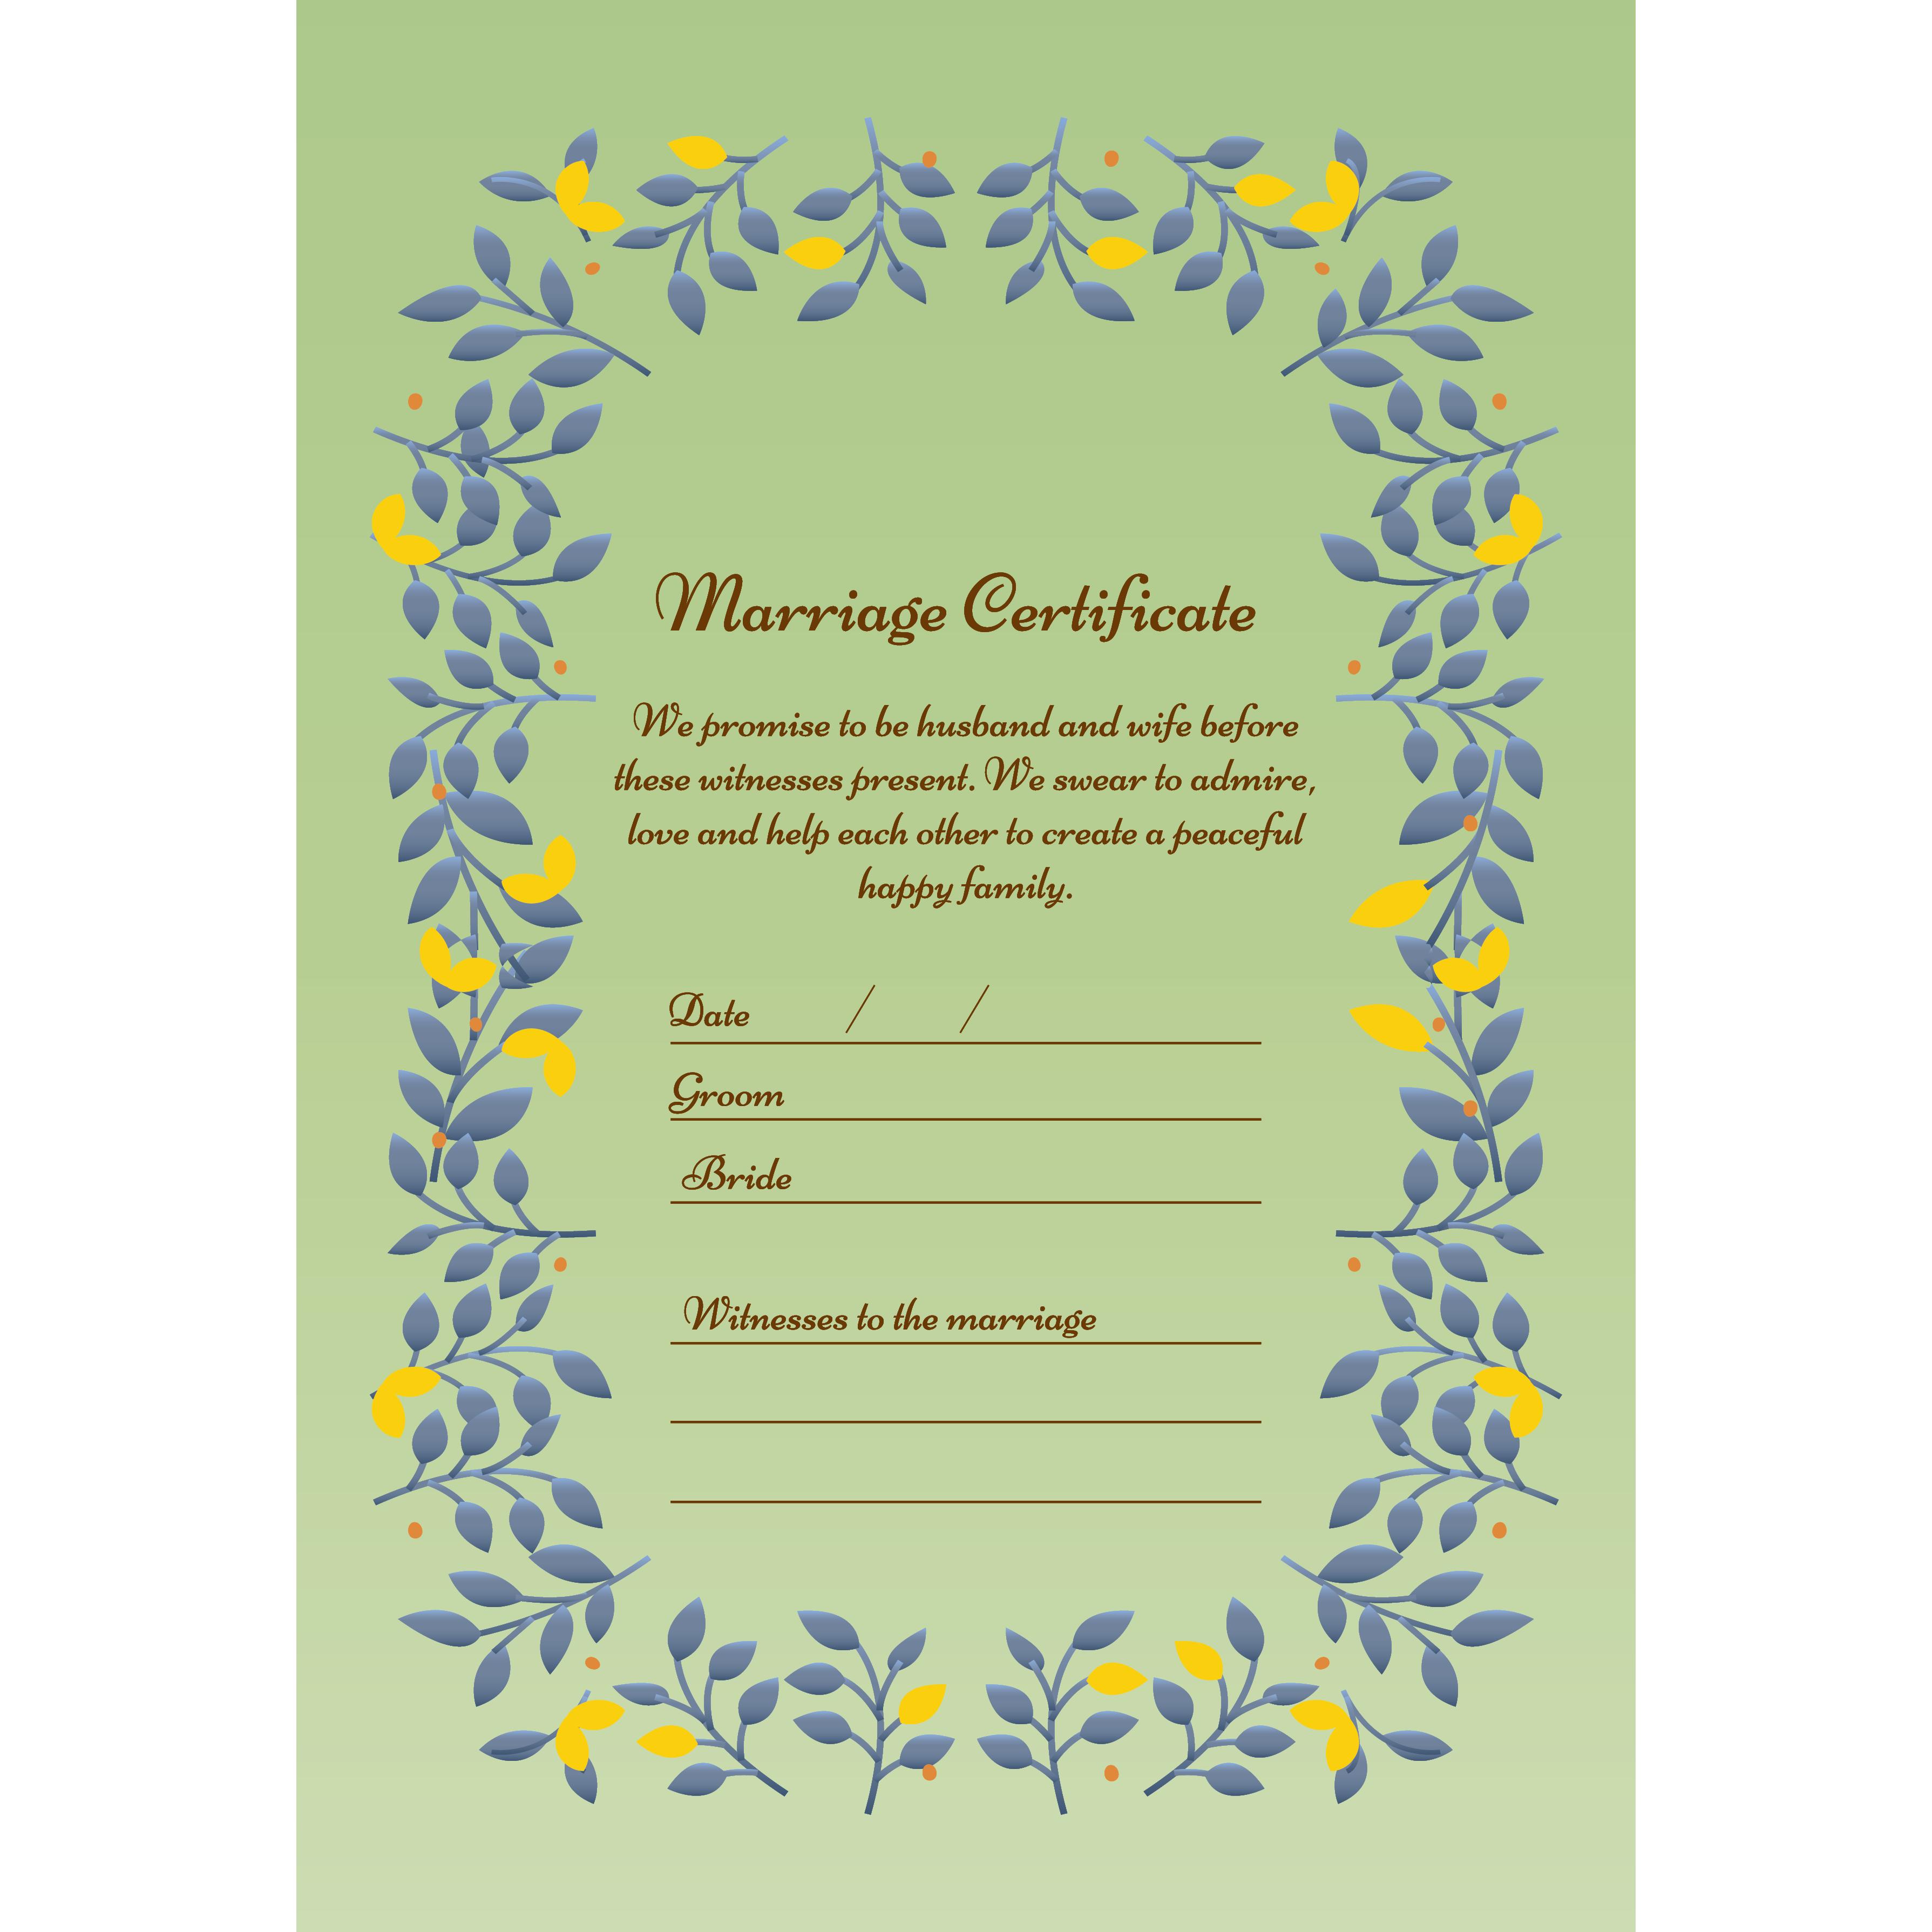 結婚証明書 テンプレート イラスト♪リーフがかわいい【縦】 | 商用